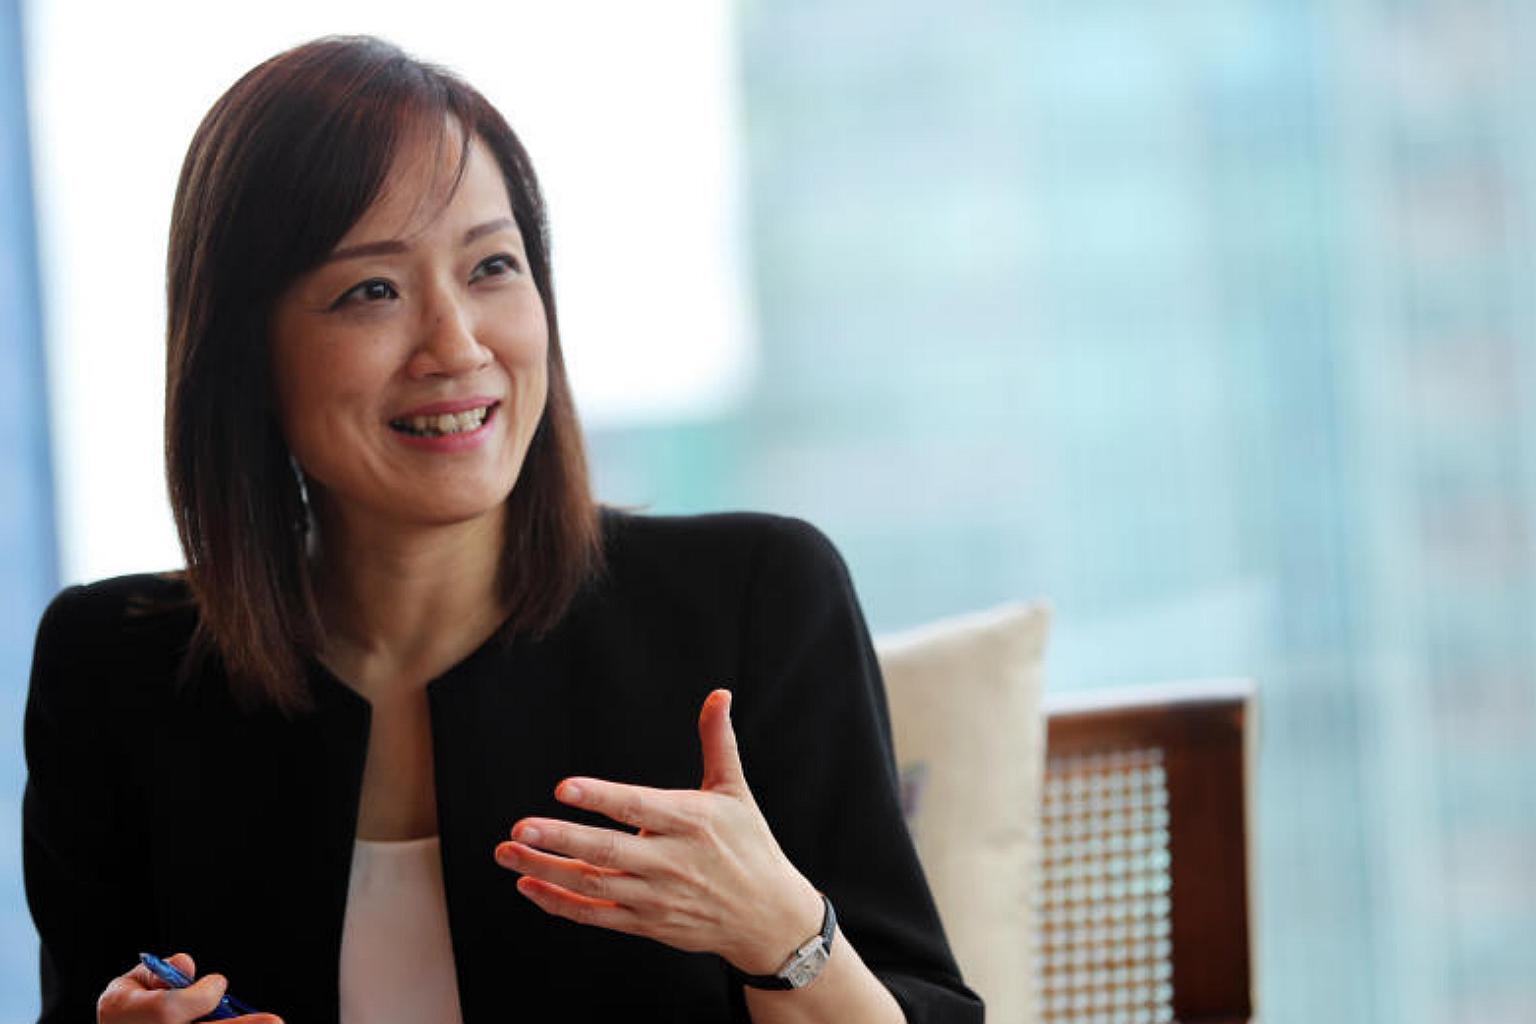 Judy-Hsu-interview.jpg